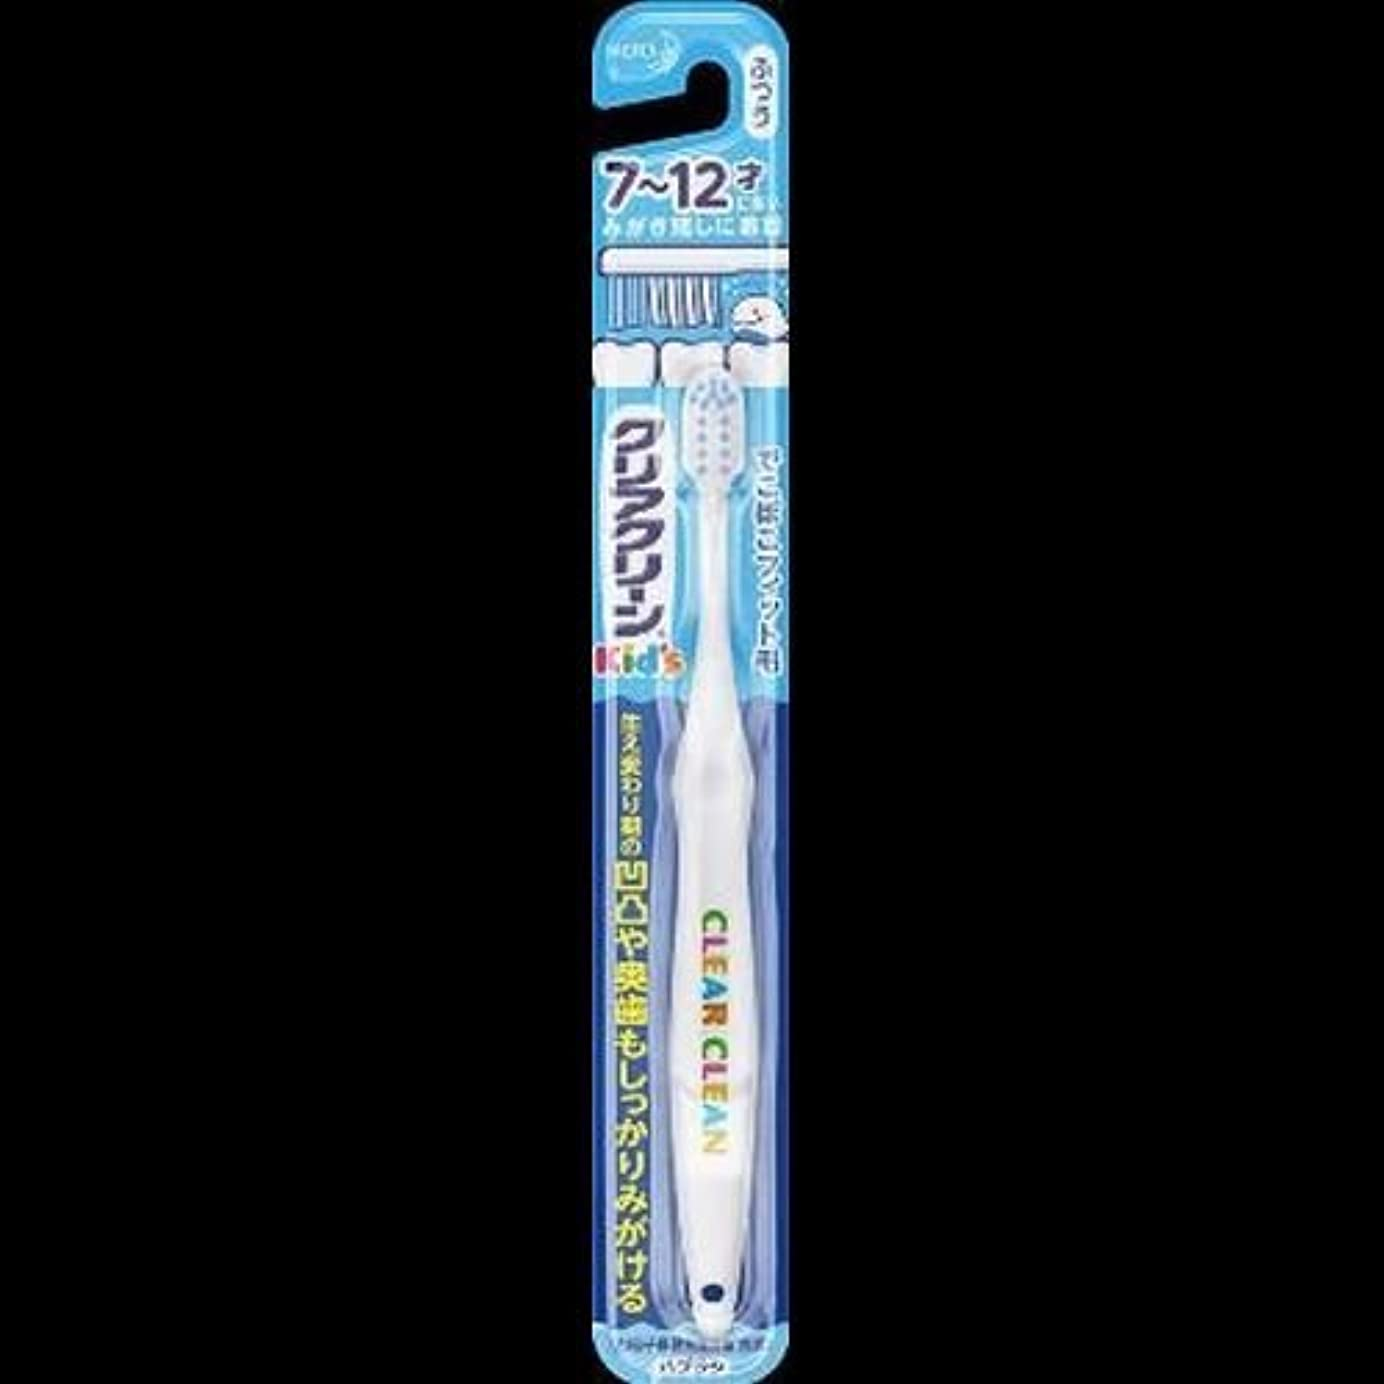 あごひげタクシーイル【まとめ買い】クリアクリーン Kid's ハブラシ7~12才向け 1本 ×2セット